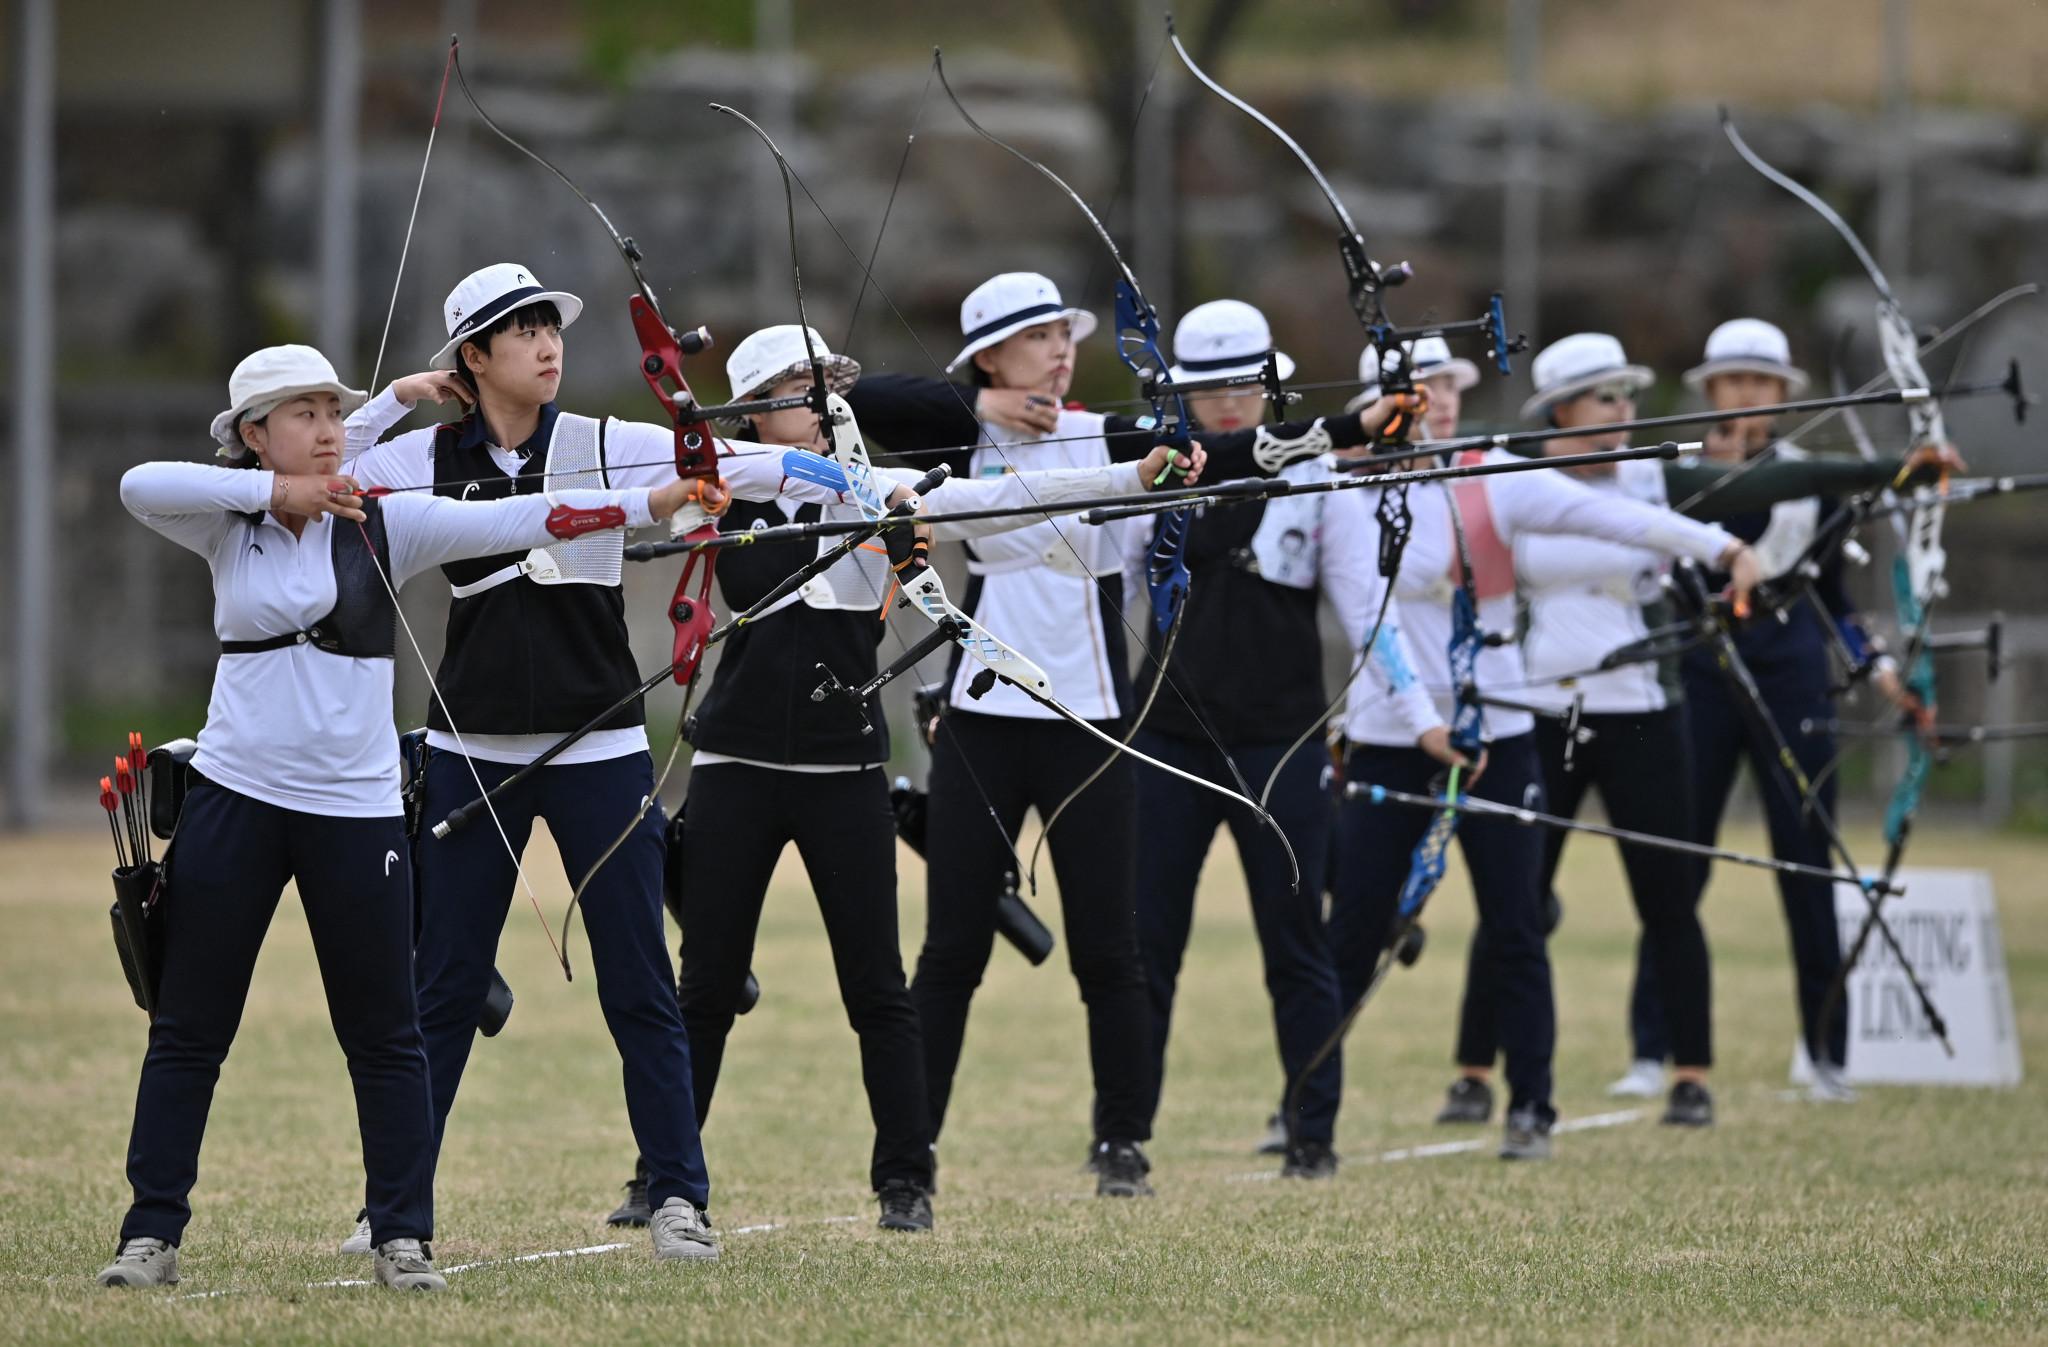 늦은 올림픽 한국 양궁 팀을 결정하기위한 시험이 실시되었습니다 © GettyImages